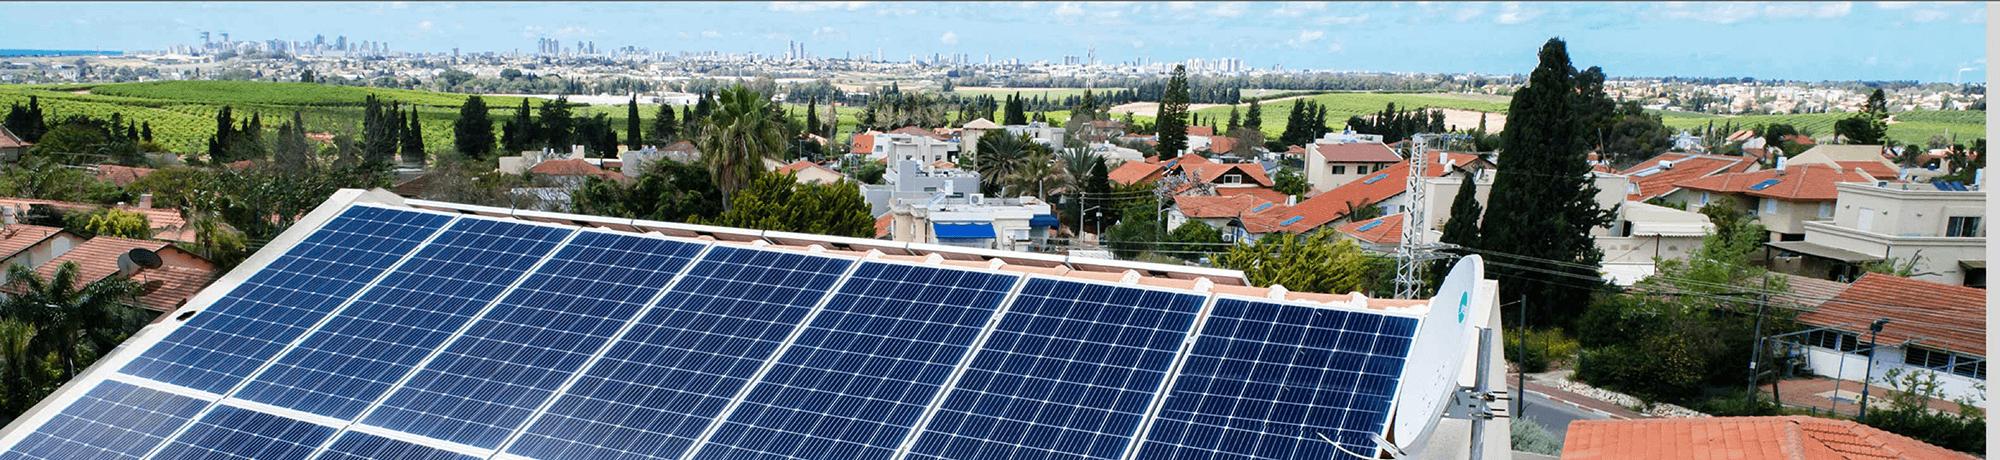 ההצעה שלנו SolarEdge 360